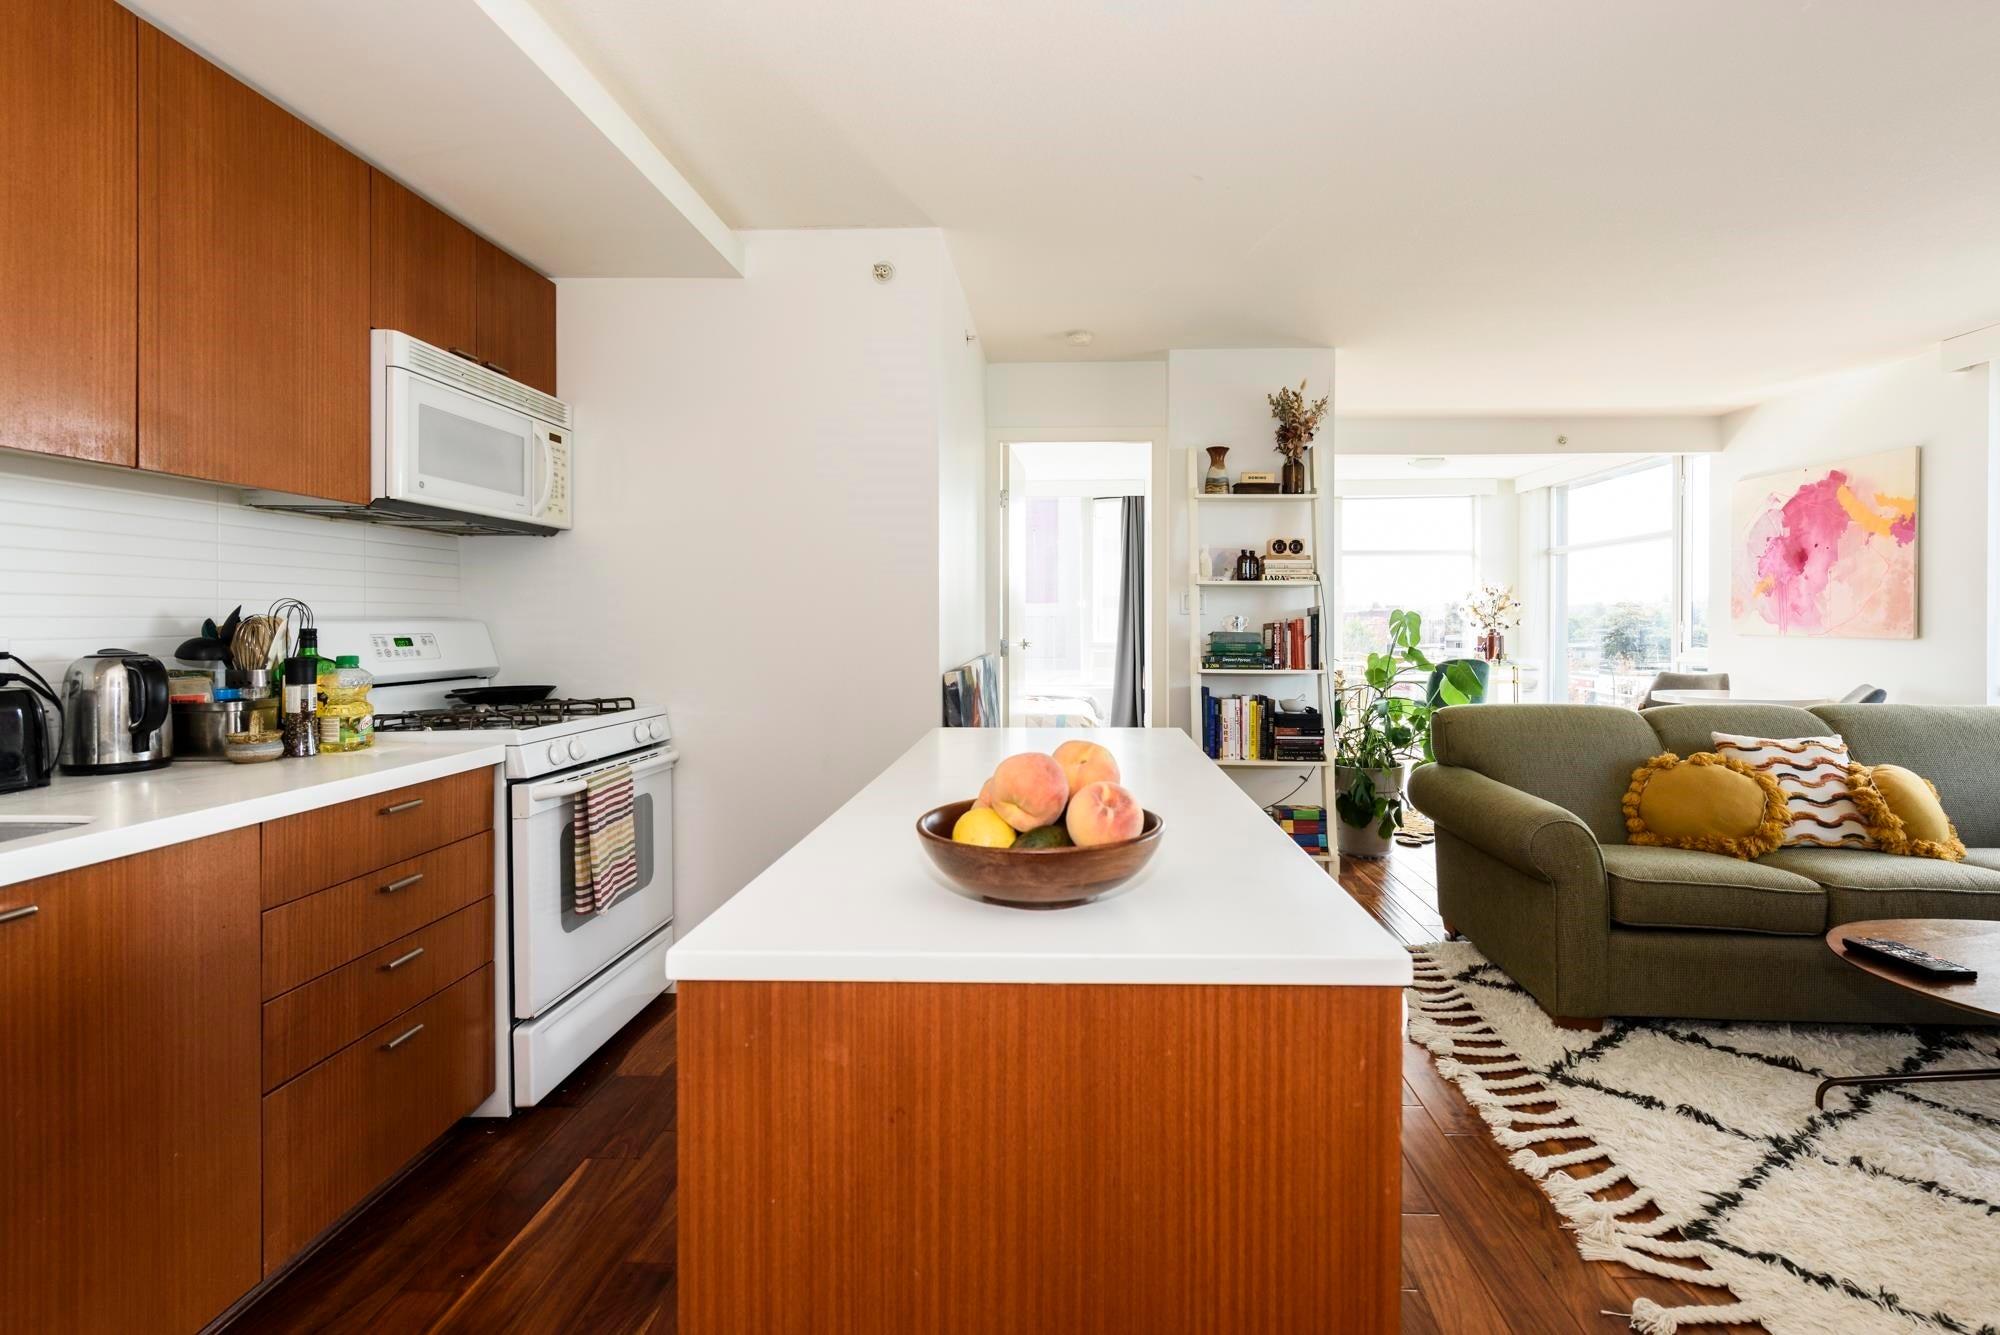 707 328 E 11TH AVENUE - Mount Pleasant VE Apartment/Condo for sale, 2 Bedrooms (R2621040) - #1